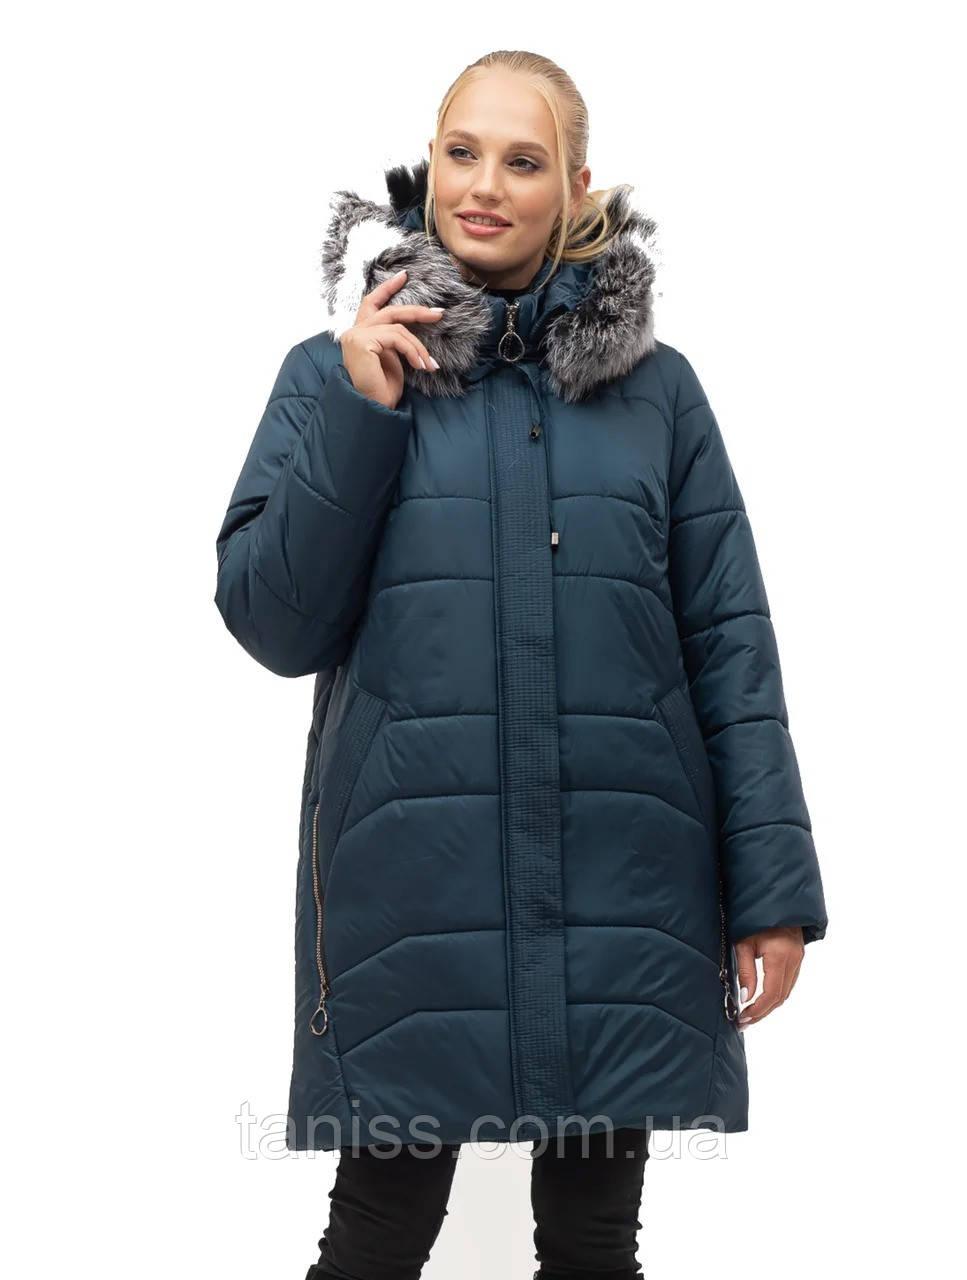 Жіночий зимовий пуховик великого розміру, знімний капюшон, р-ри з 54-70, малахіт чбк (154)